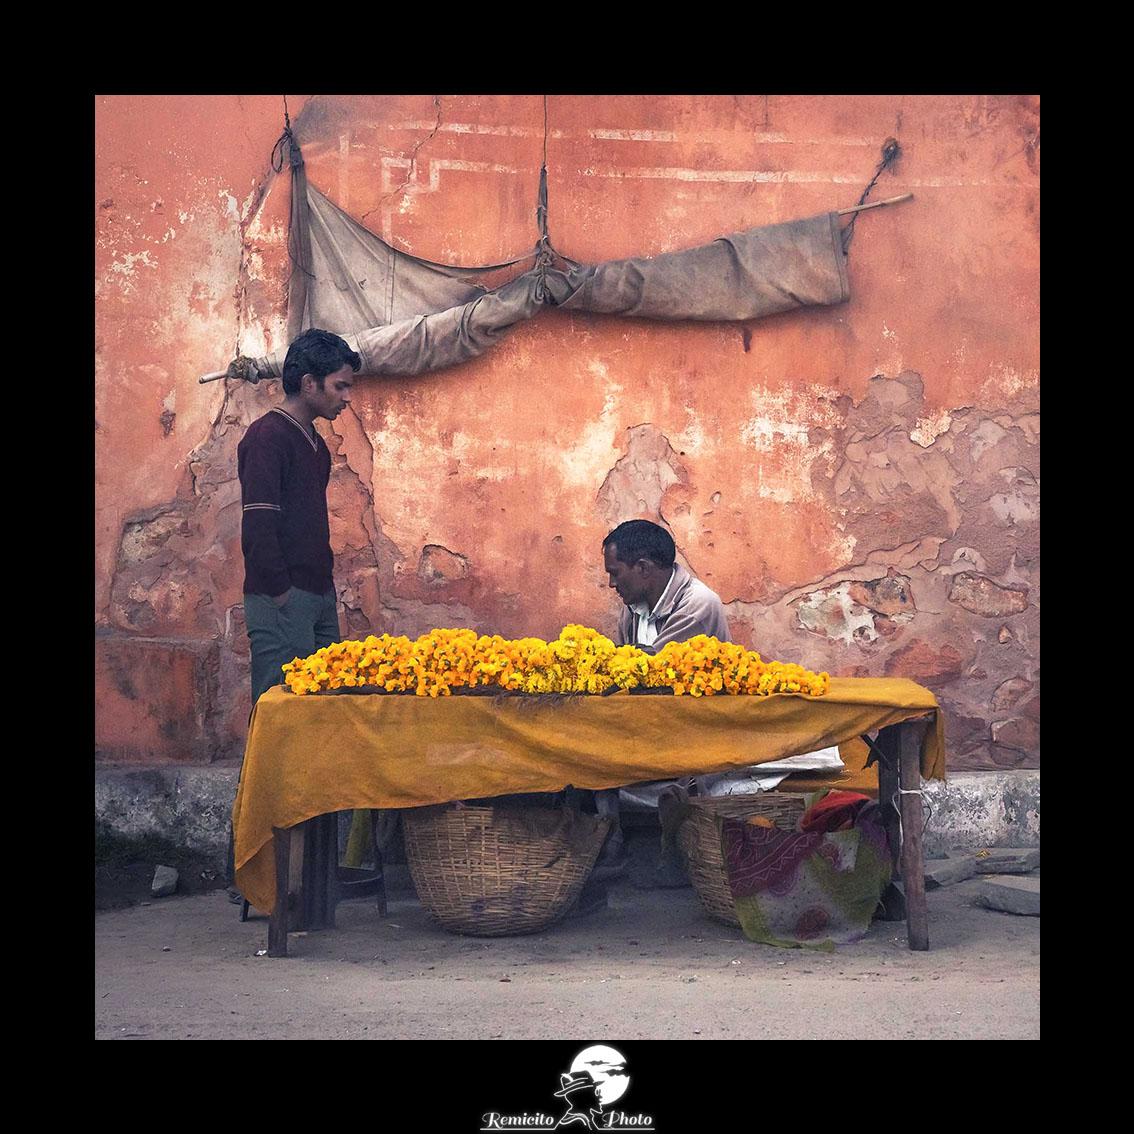 remicito photo, remicito, photo du jour, image du jour, photo jaipur ville rose, belle photo inde jaipur, acheter photo inde, belle photo idée cadeau, magnifique photo inde jaipur, marchand de fleur inde